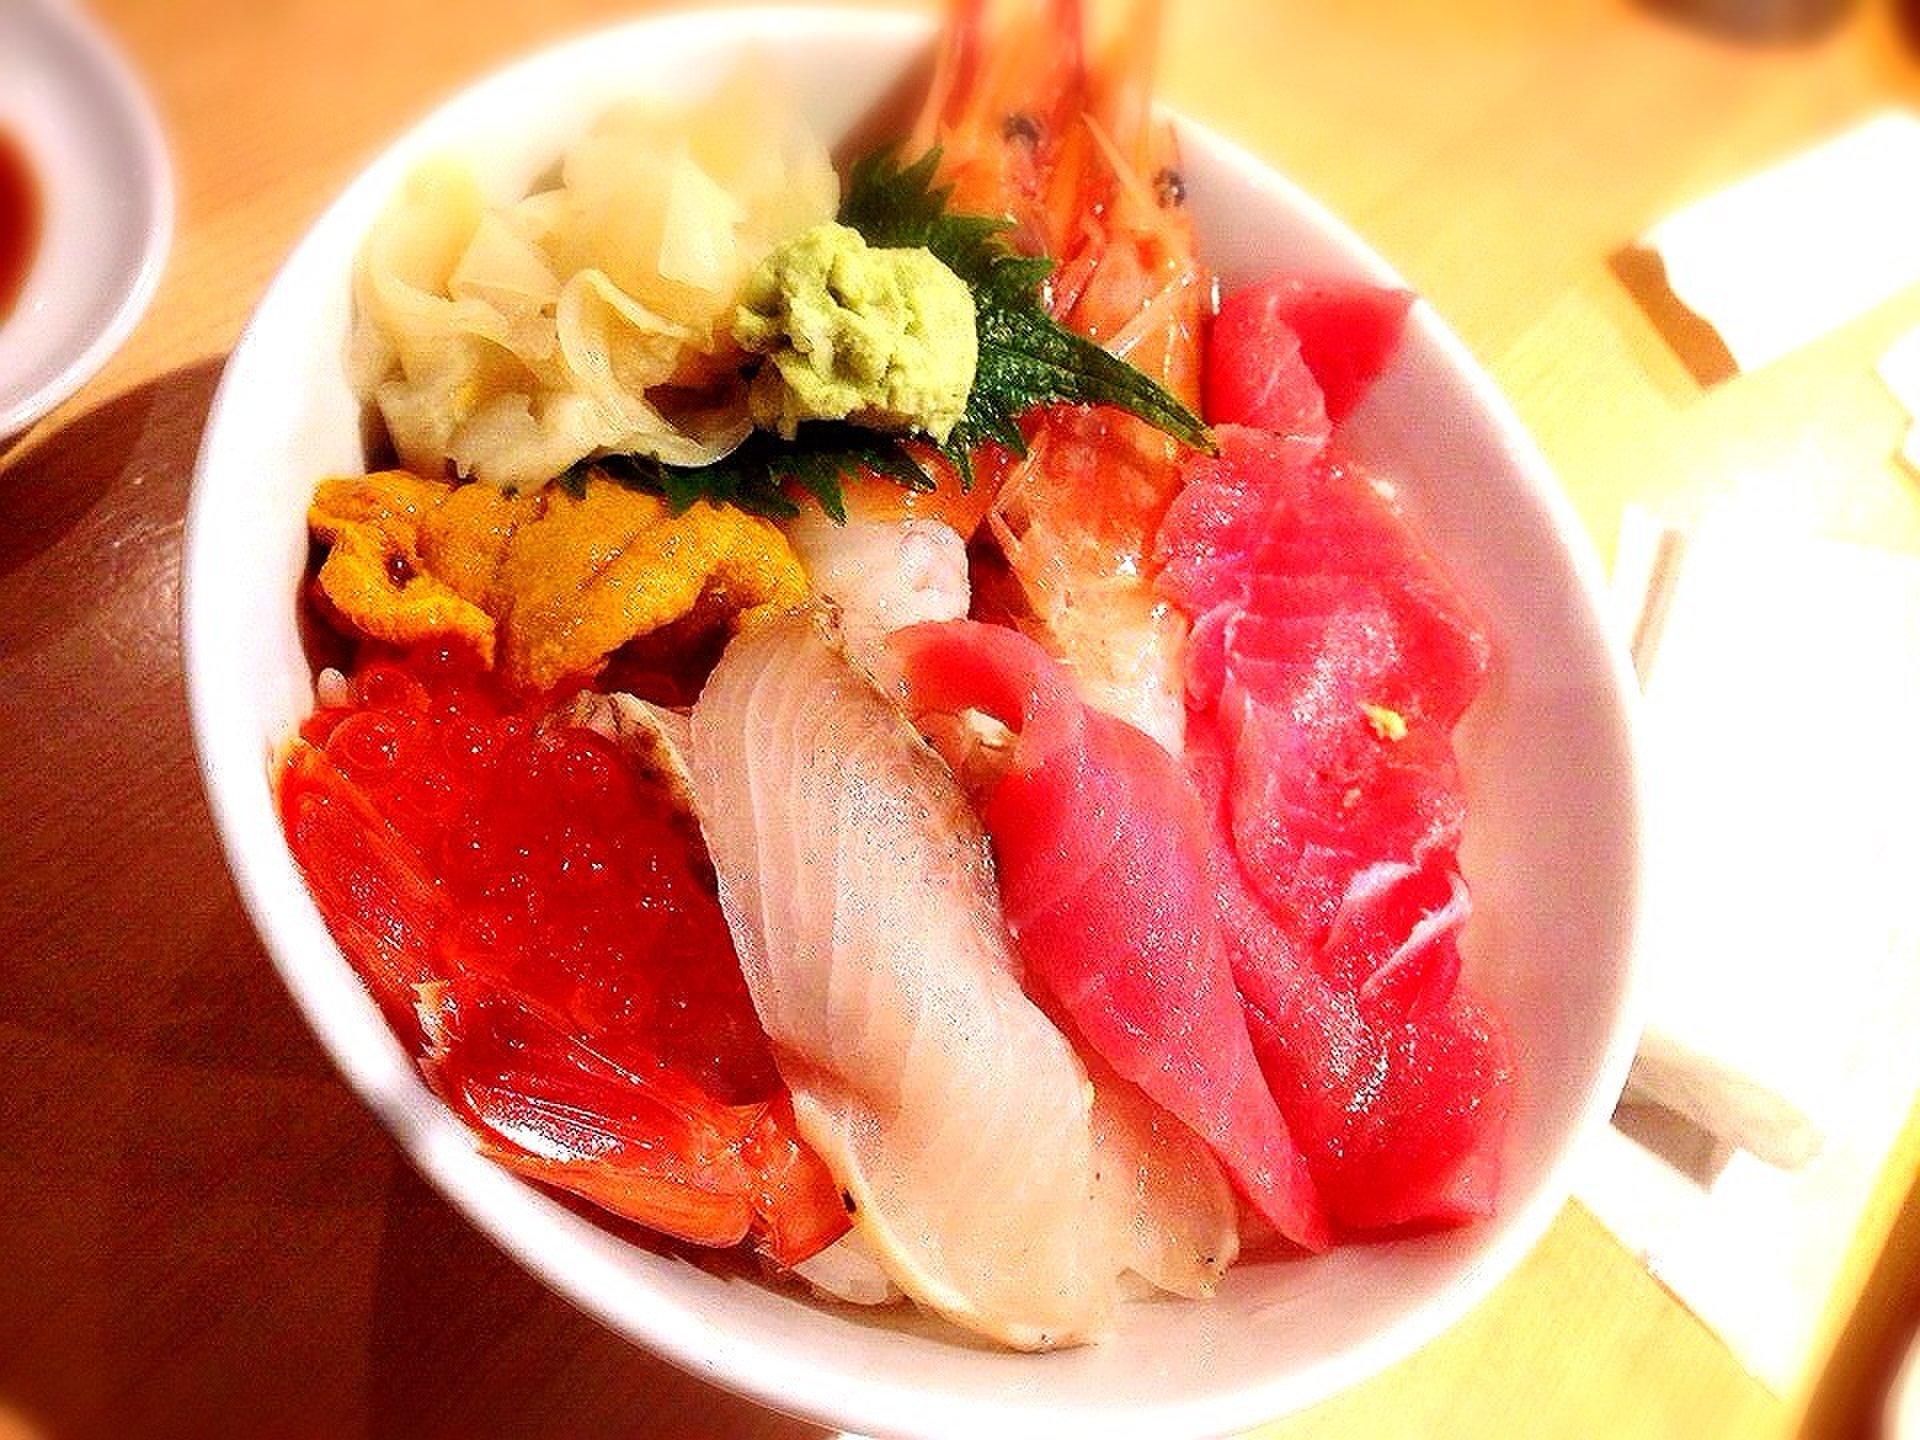 【冬にぴったり筑地を楽しむおすすめコース】朝から美味しい海鮮丼を堪能しよう♪